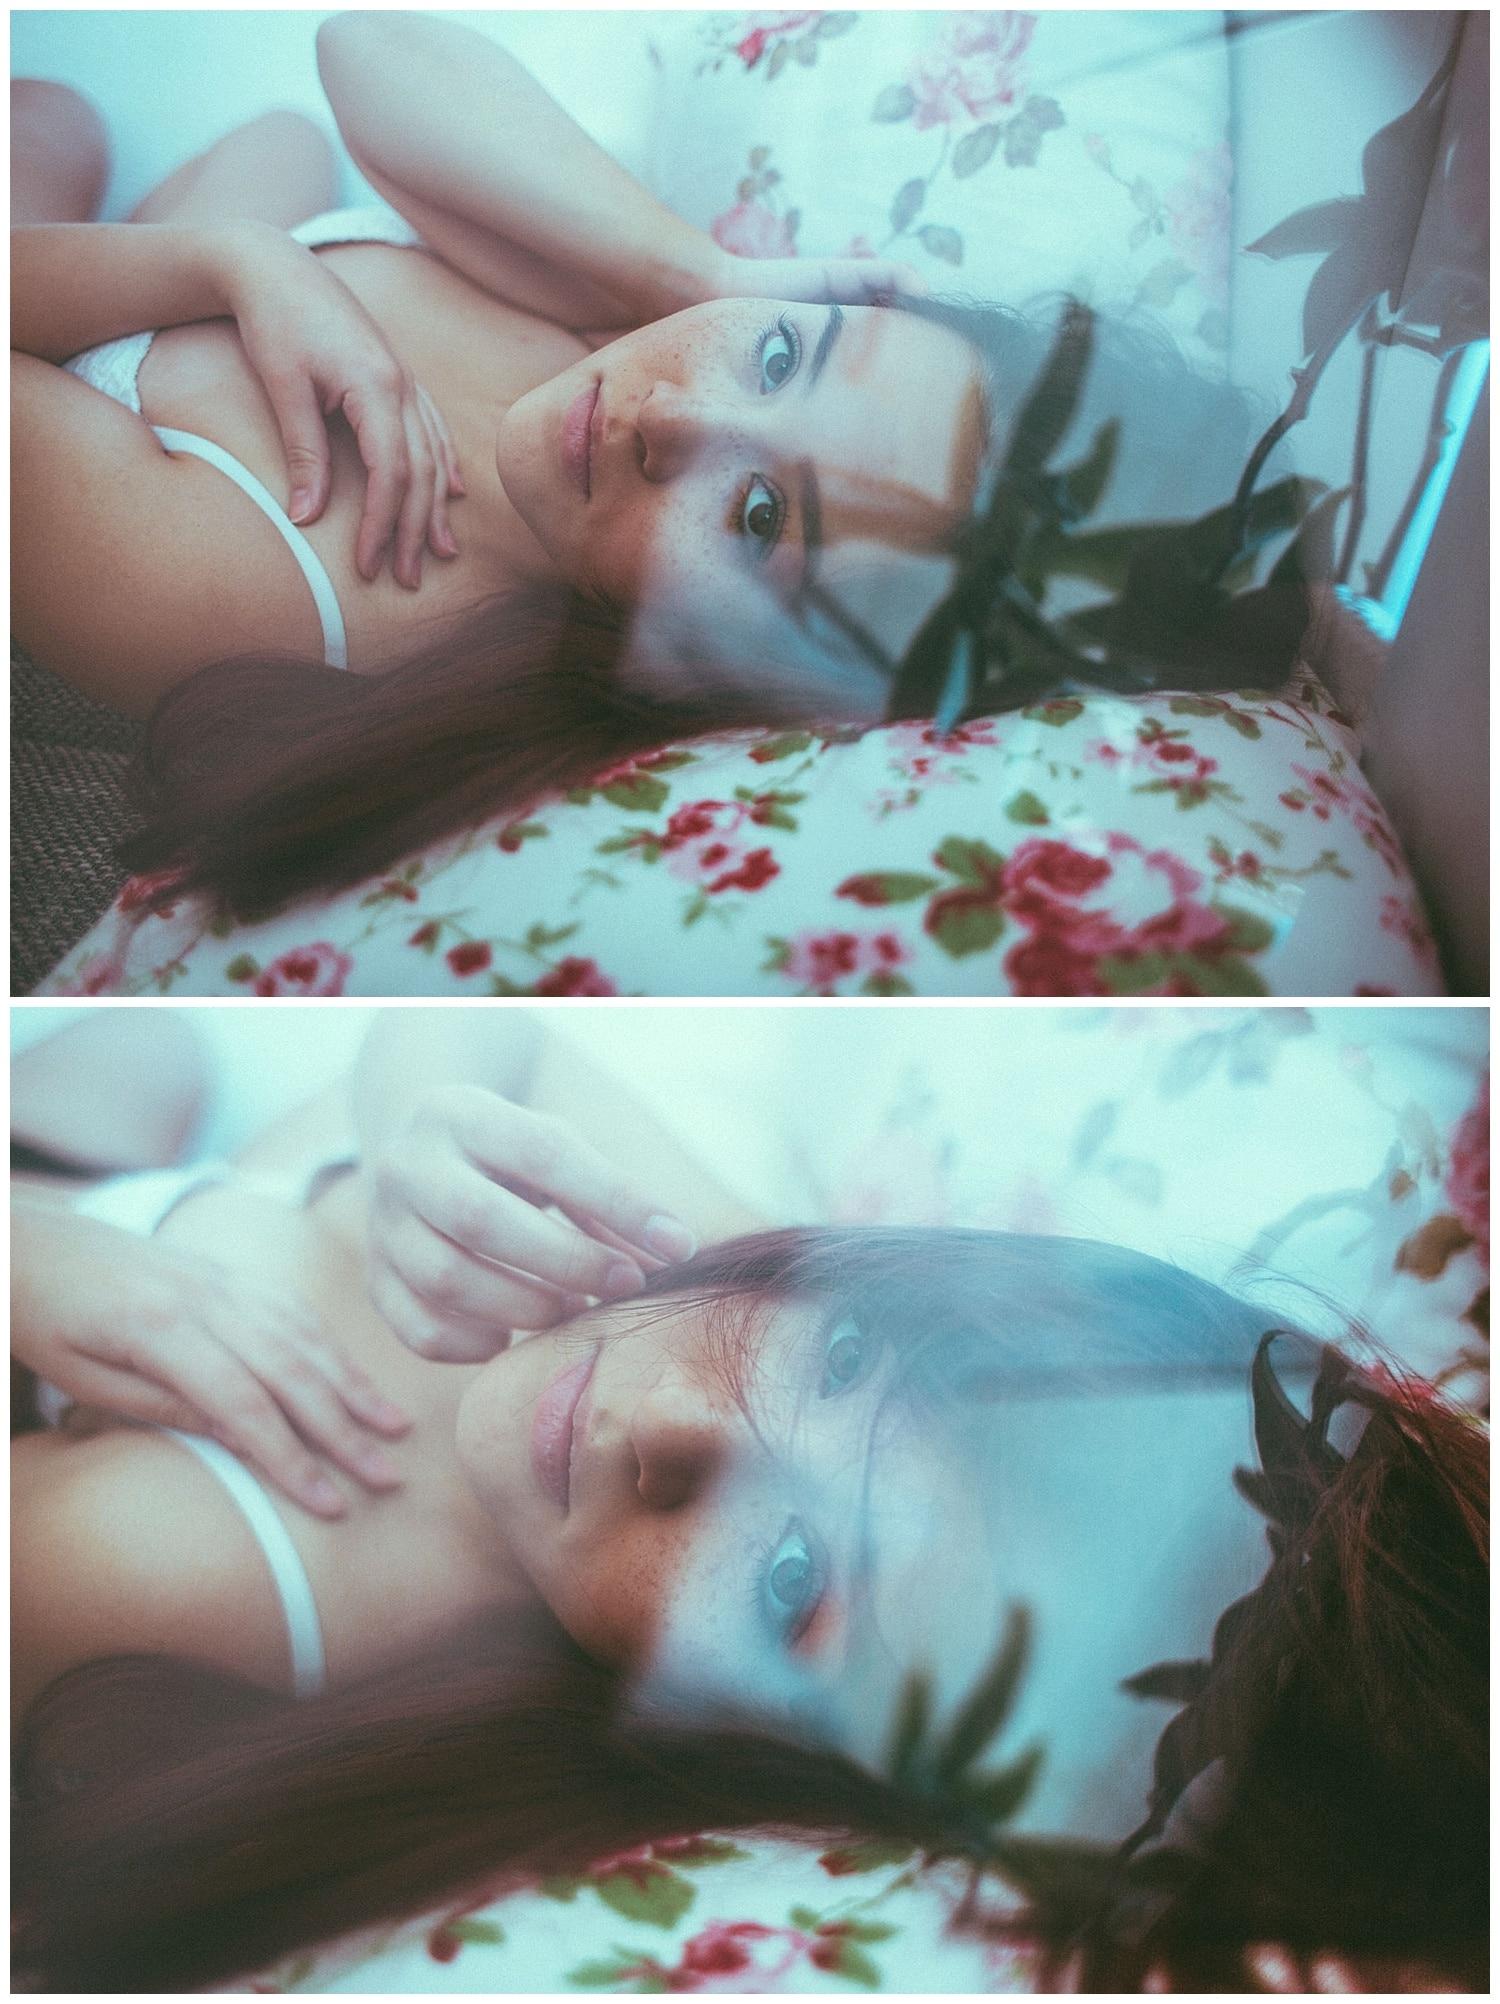 Ivana_Home-3813